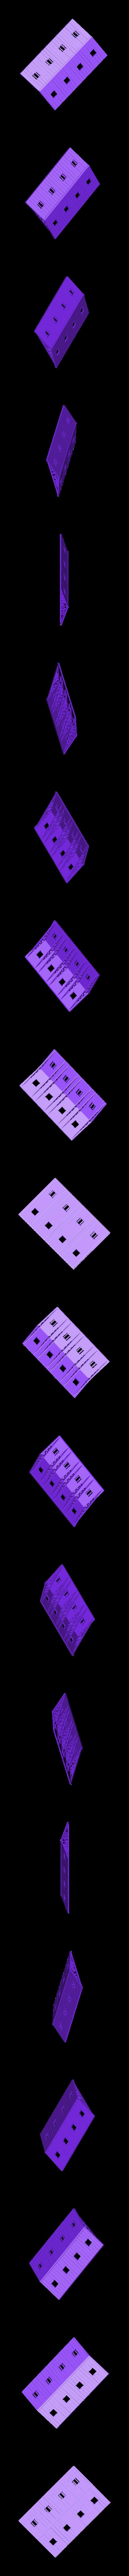 Warehouse_Roof__Rafters.stl Télécharger fichier STL gratuit Opérations de triage à l'échelle HO • Design imprimable en 3D, kabrumble